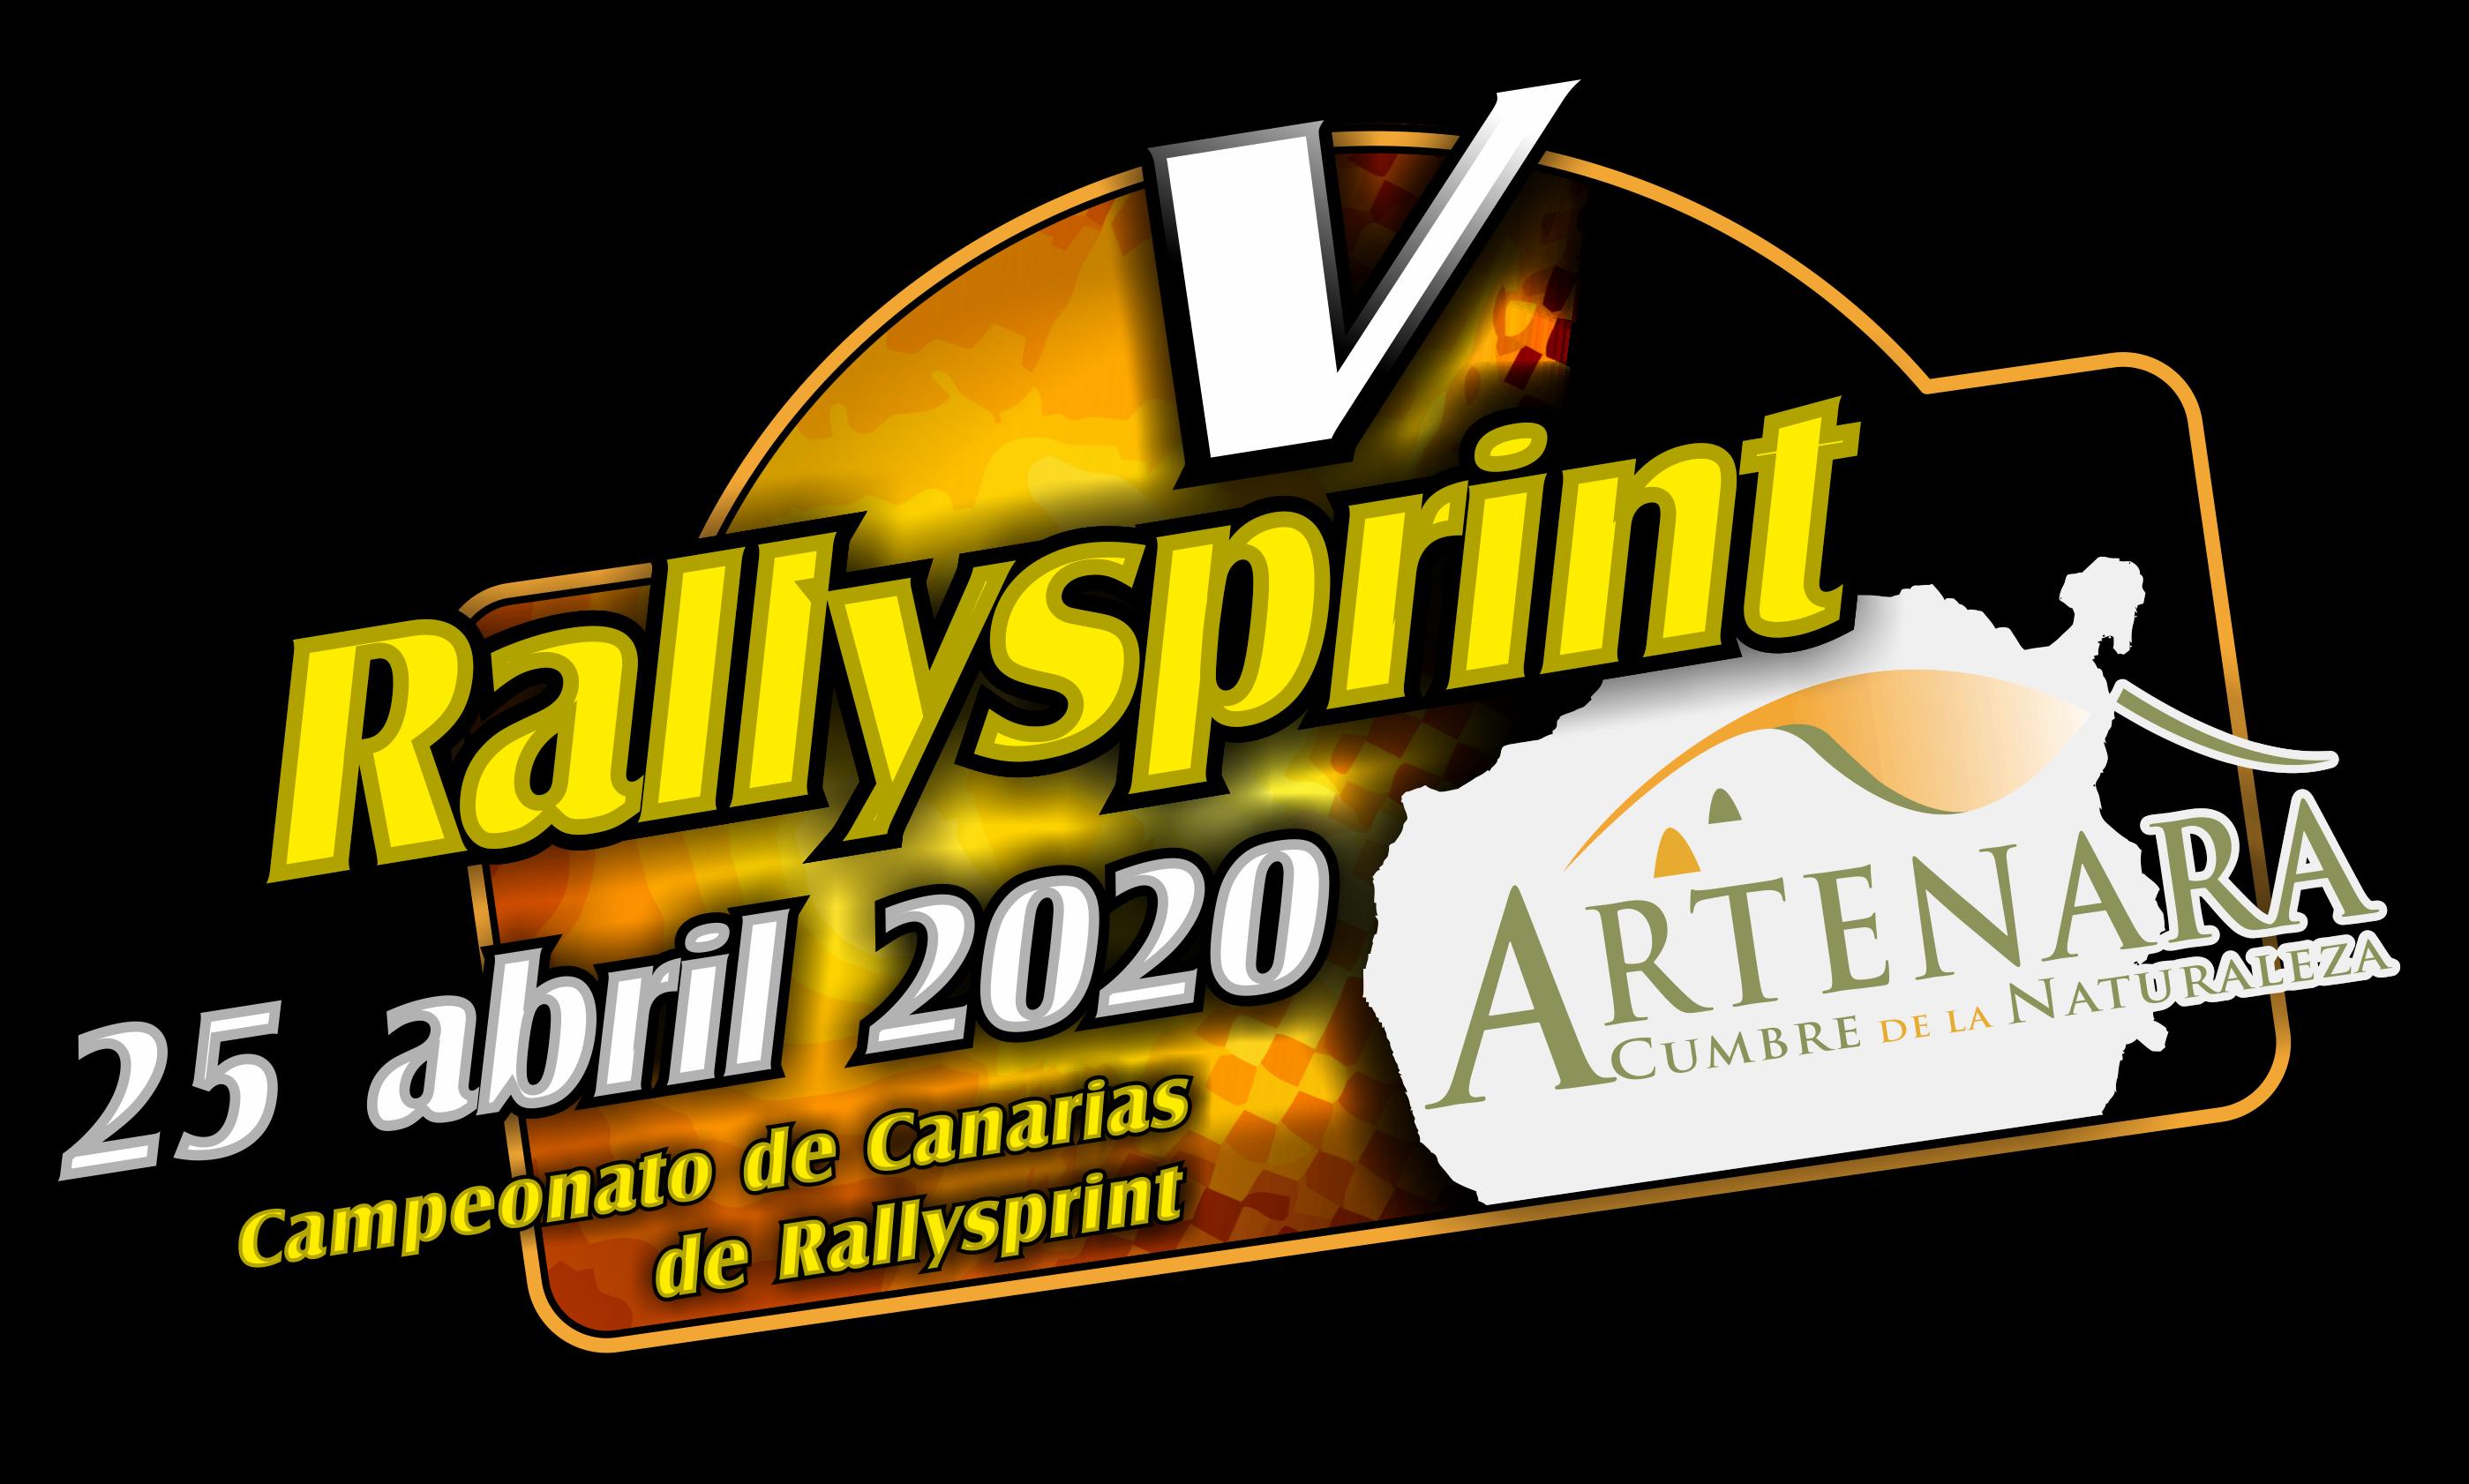 El Rallysprint Artenara se suspende: ¡Nos vemos en 2021!